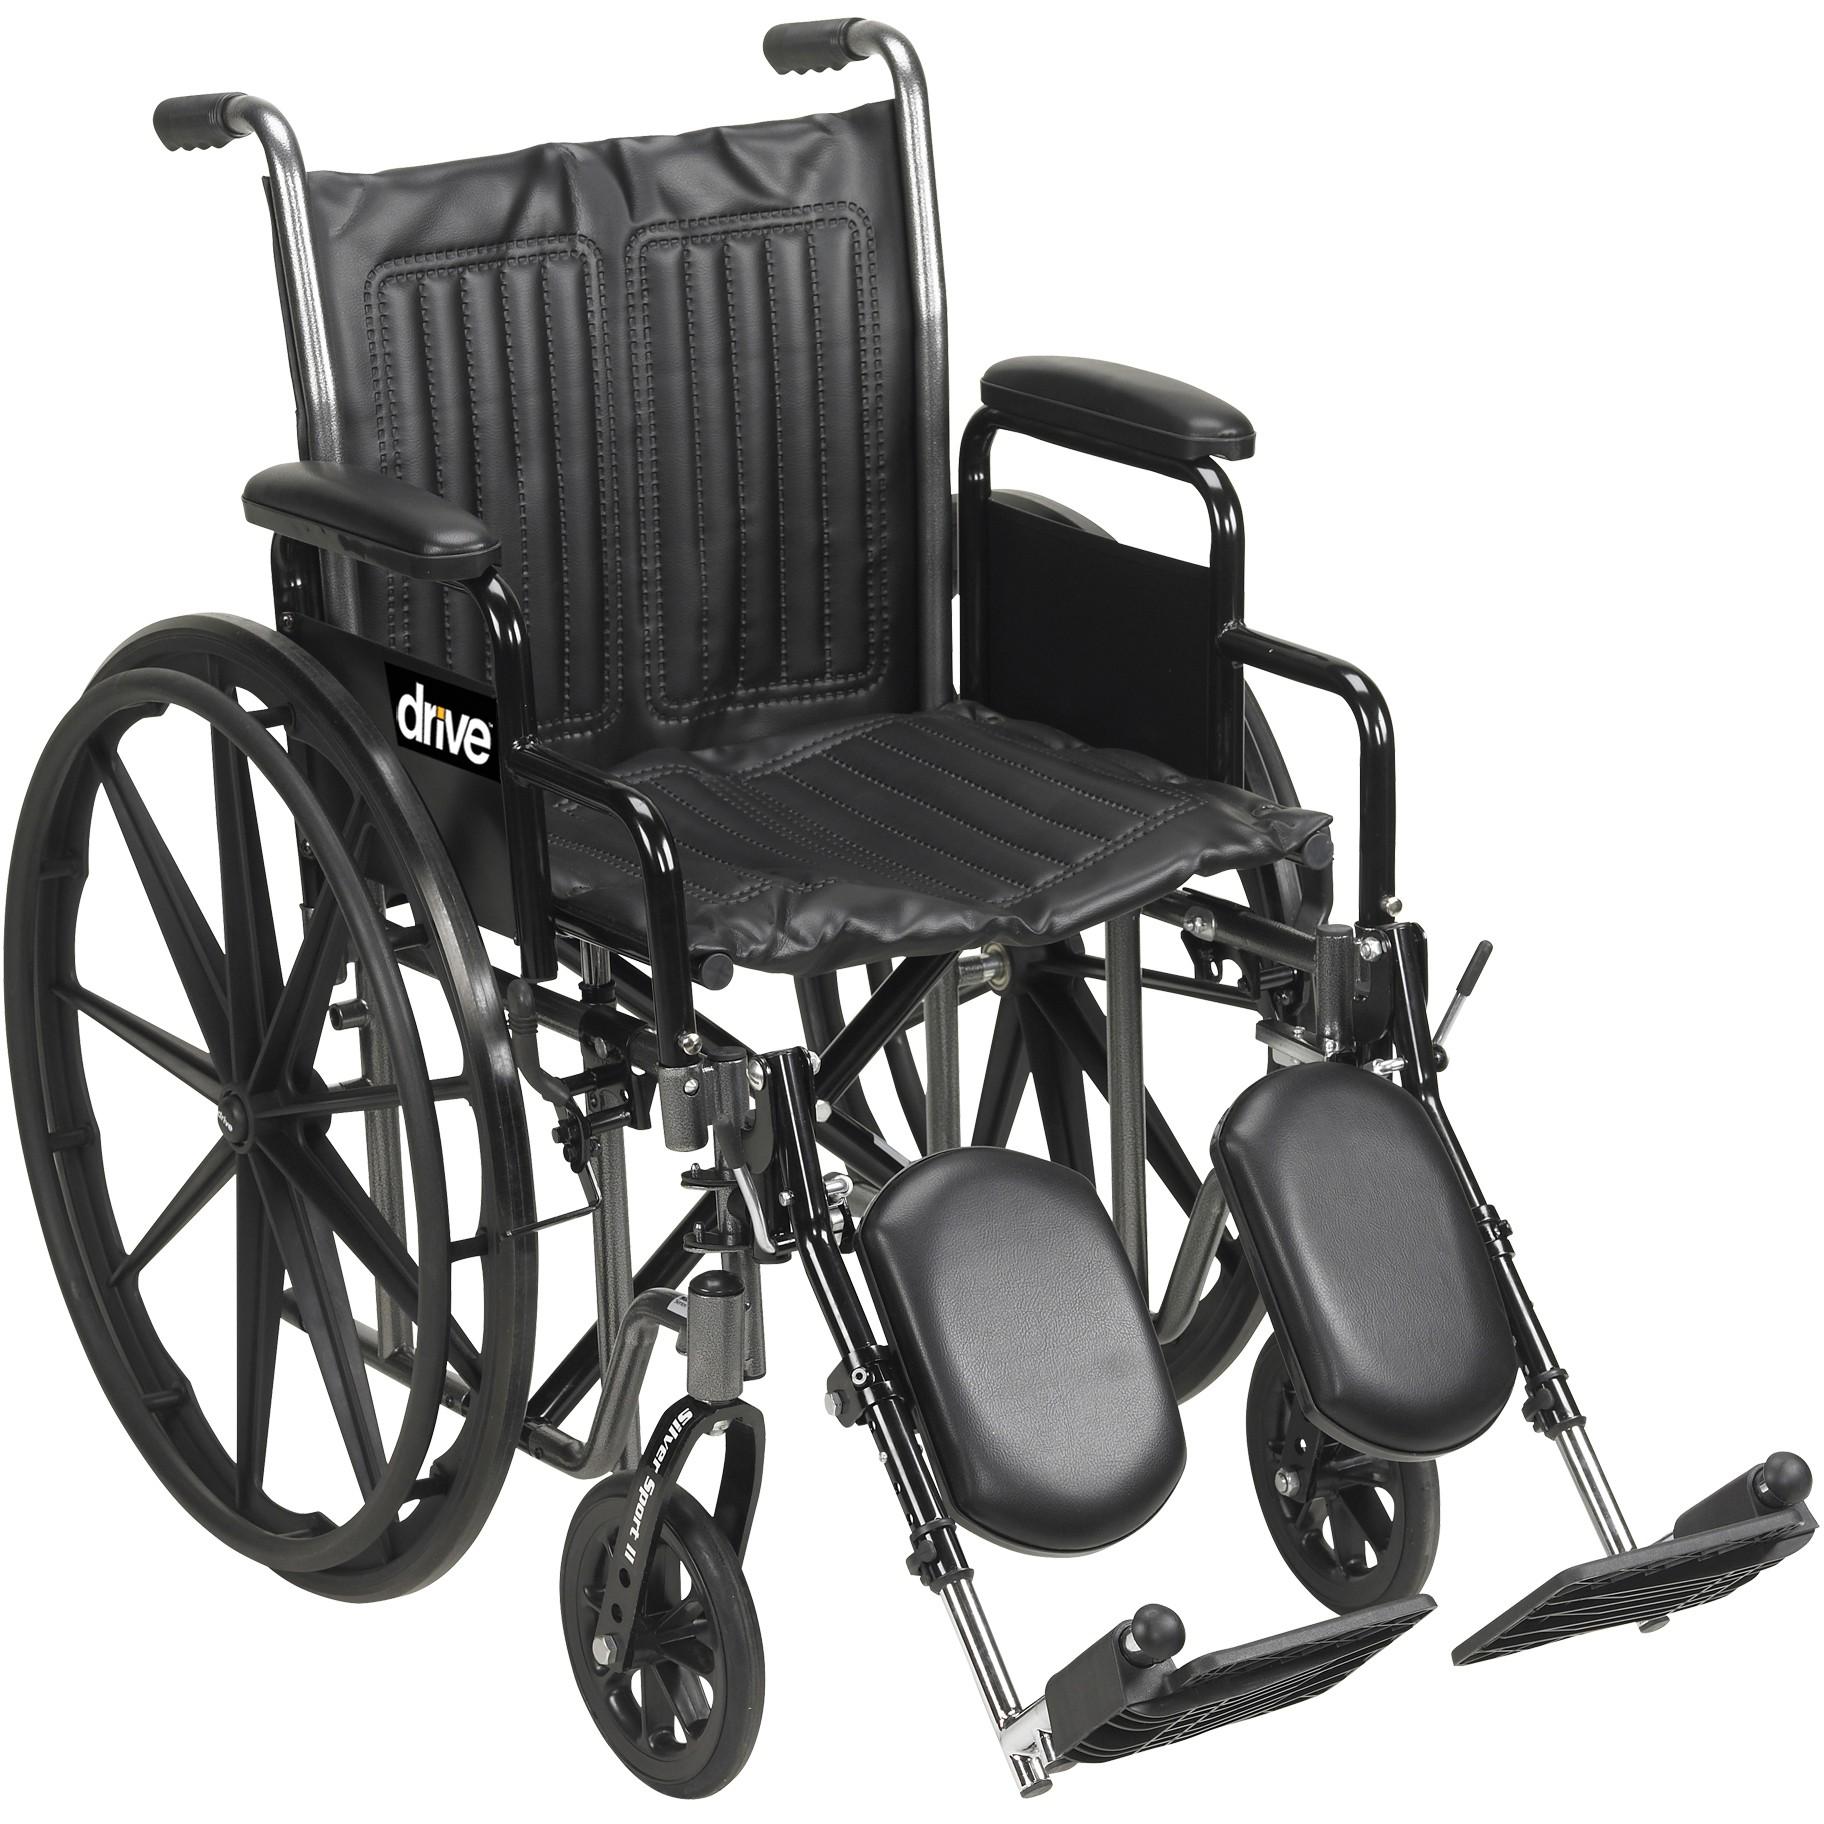 Silver Sport 2 Wheelchair SSP218DDA ELR - Silver Sport 2 Wheelchair-SSP218DDA-ELR